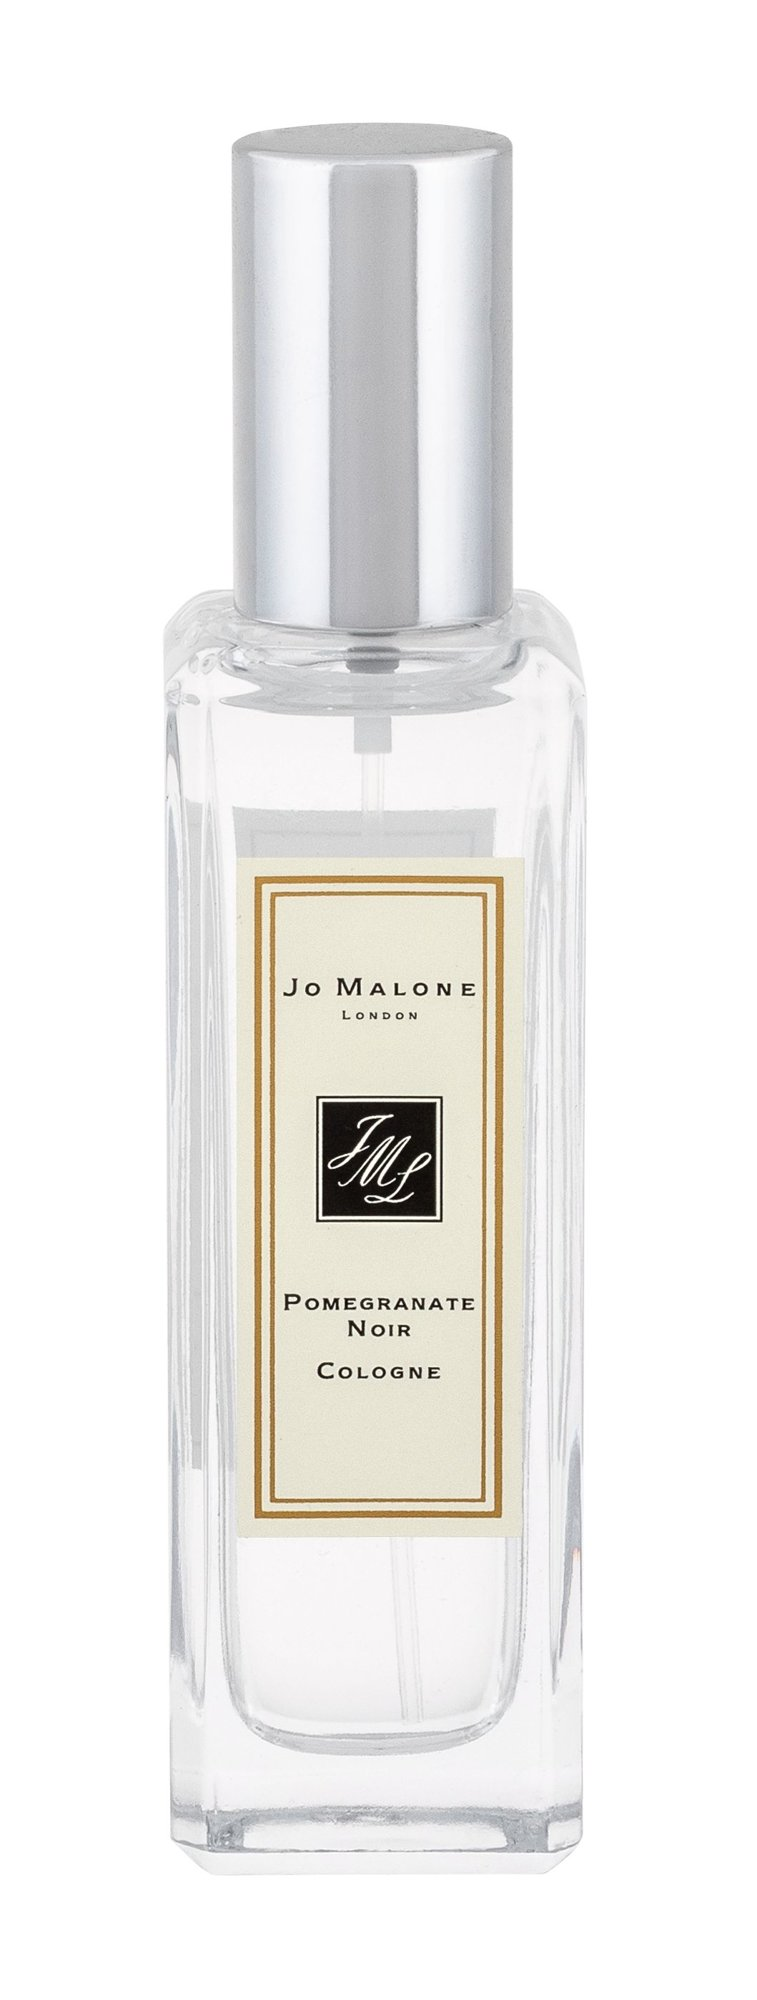 Jo Malone Pomegranate Noir Eau de Cologne 30ml